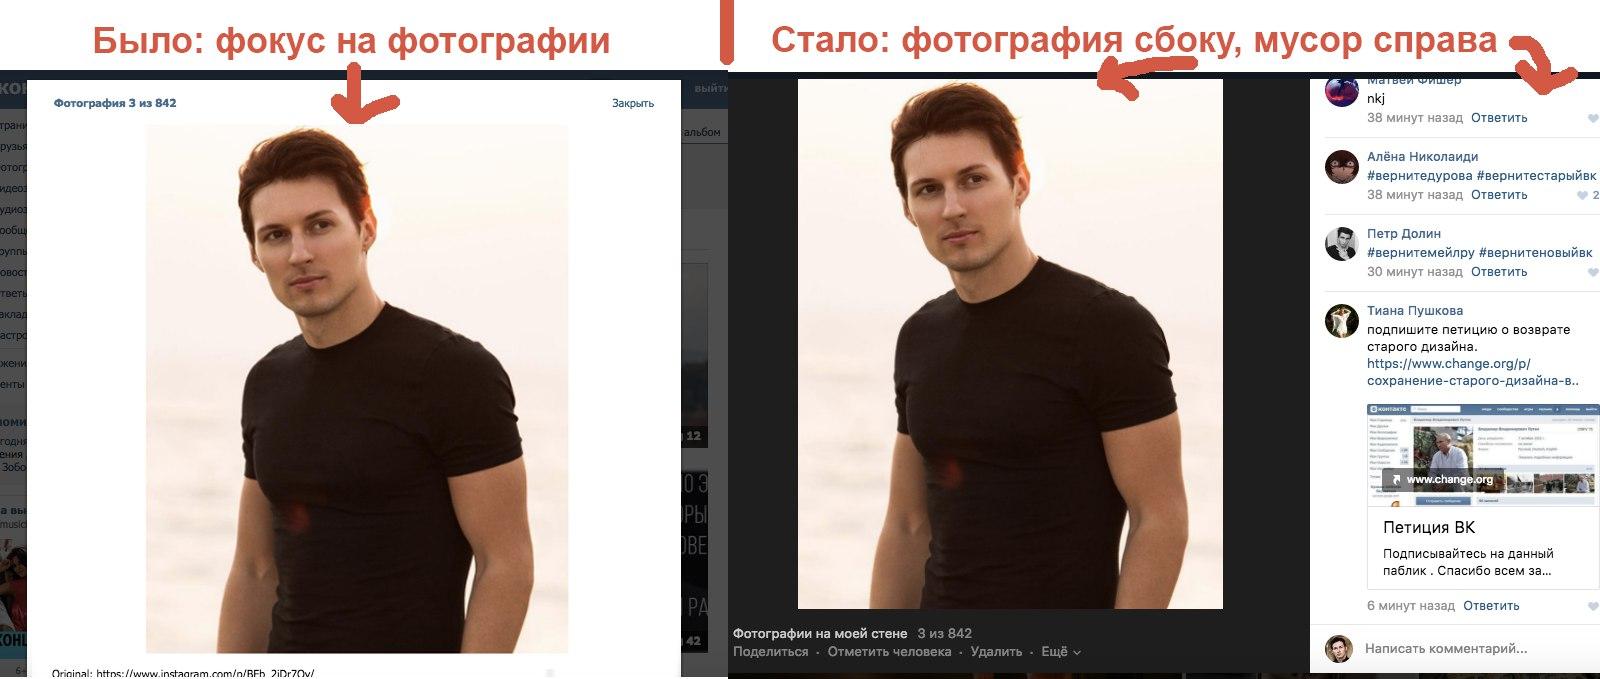 Павел Дуров прокомментировал редизайн «ВКонтакте» - 5